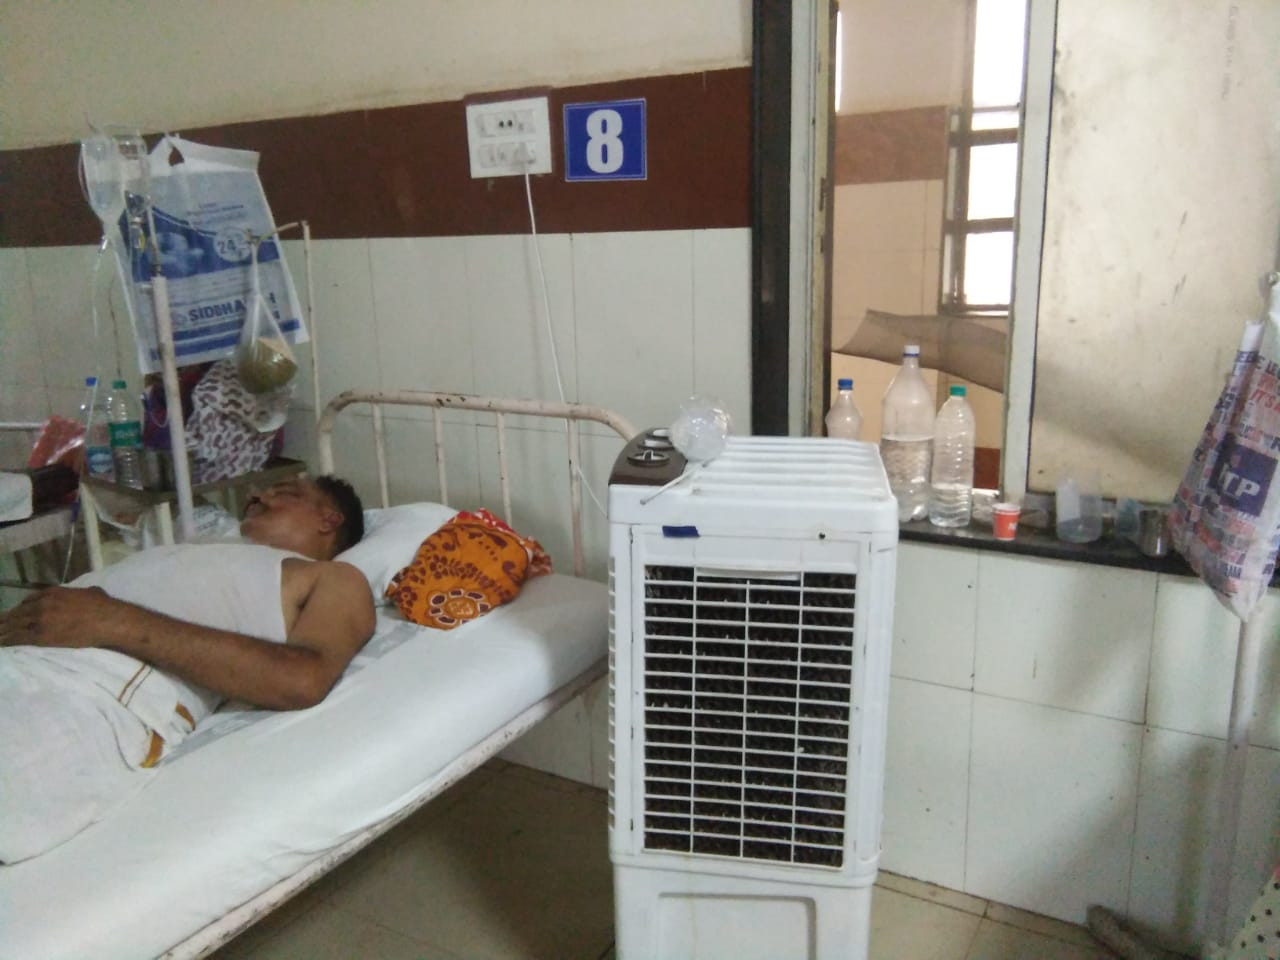 बेहाल अस्पताल... गर्मी से परेशान मरीज घरों से ला रहे कूलर और पंखे